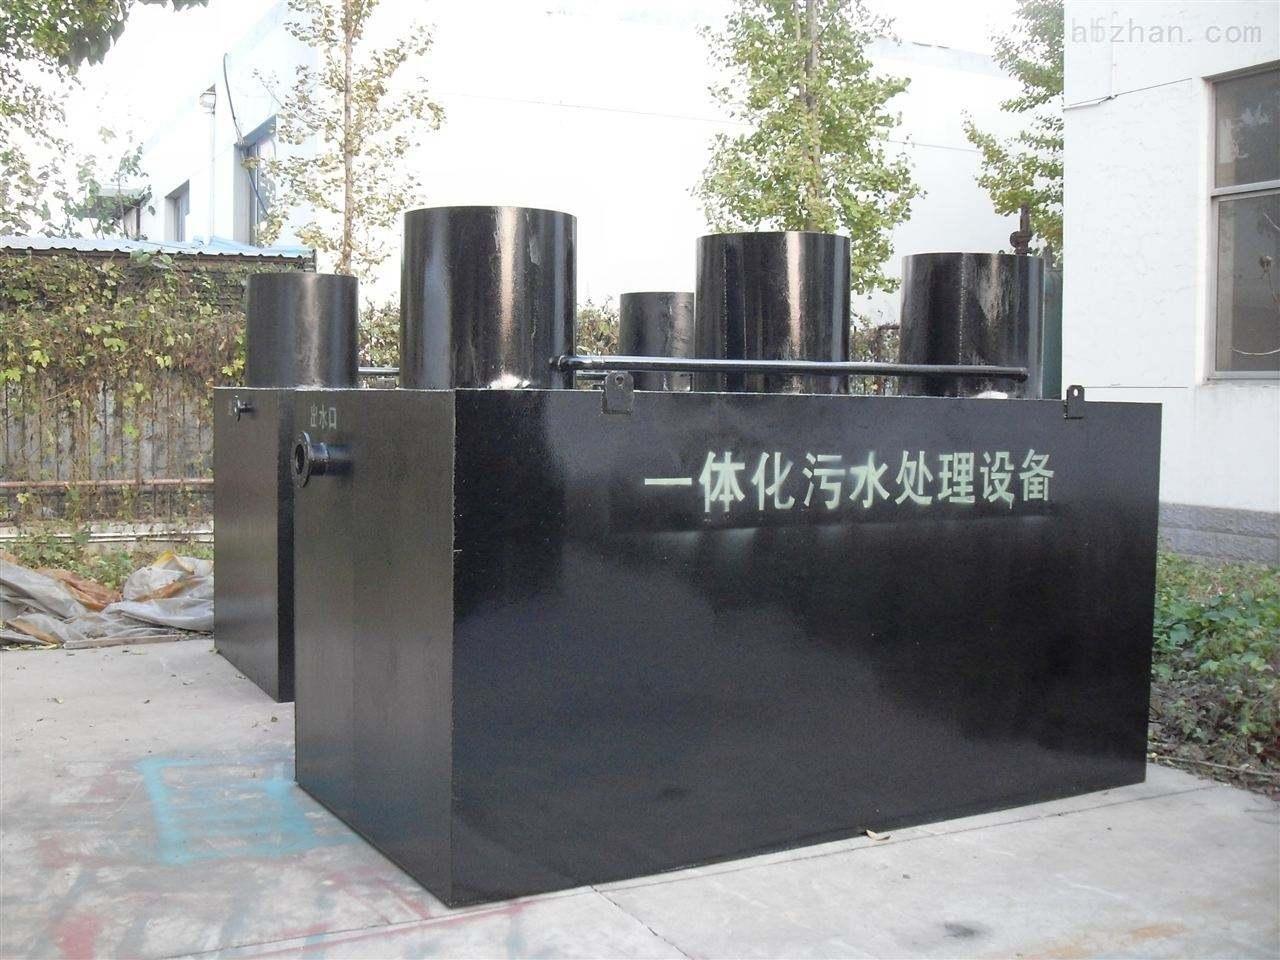 一体化污水处理设备处理能力强